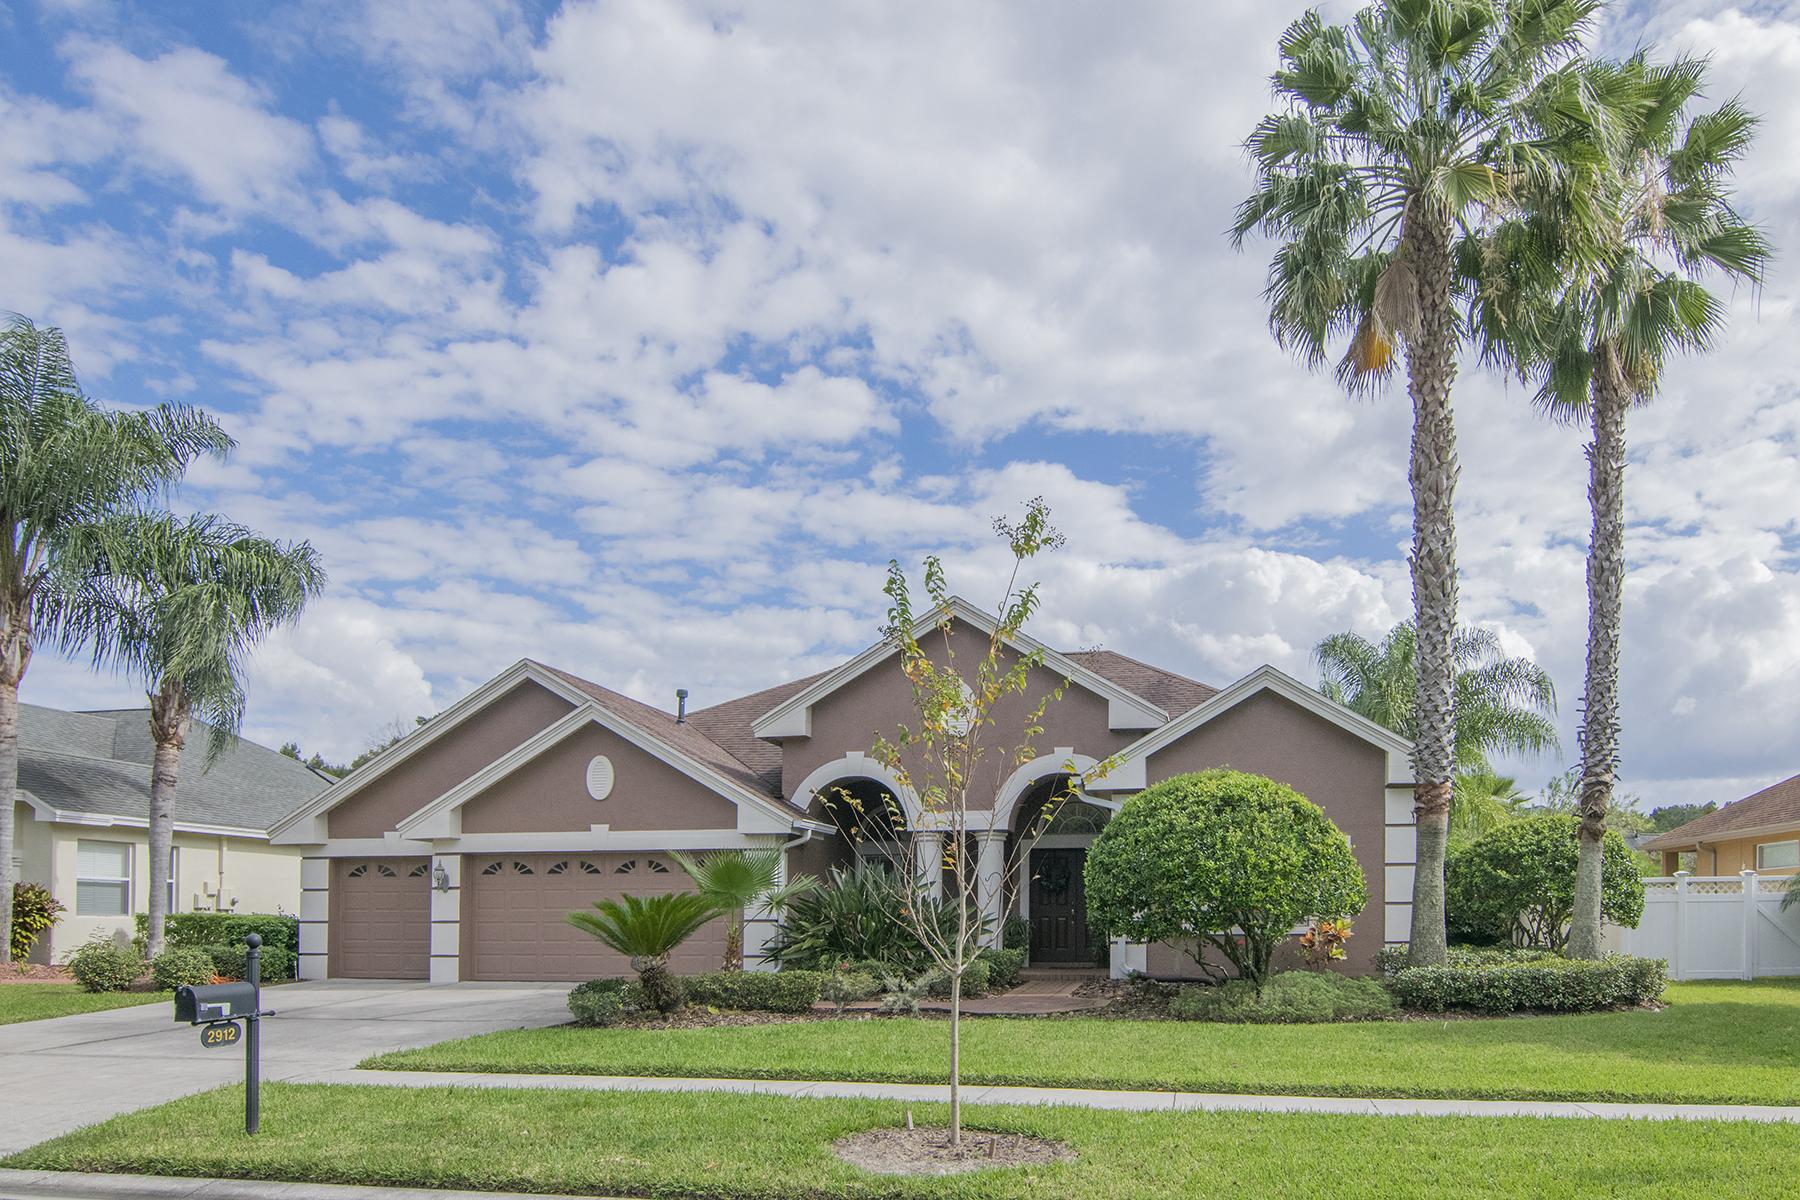 Maison unifamiliale pour l Vente à WESLEY CHAPEL 2912 Big Cypress Way Wesley Chapel, Florida, 33544 États-Unis